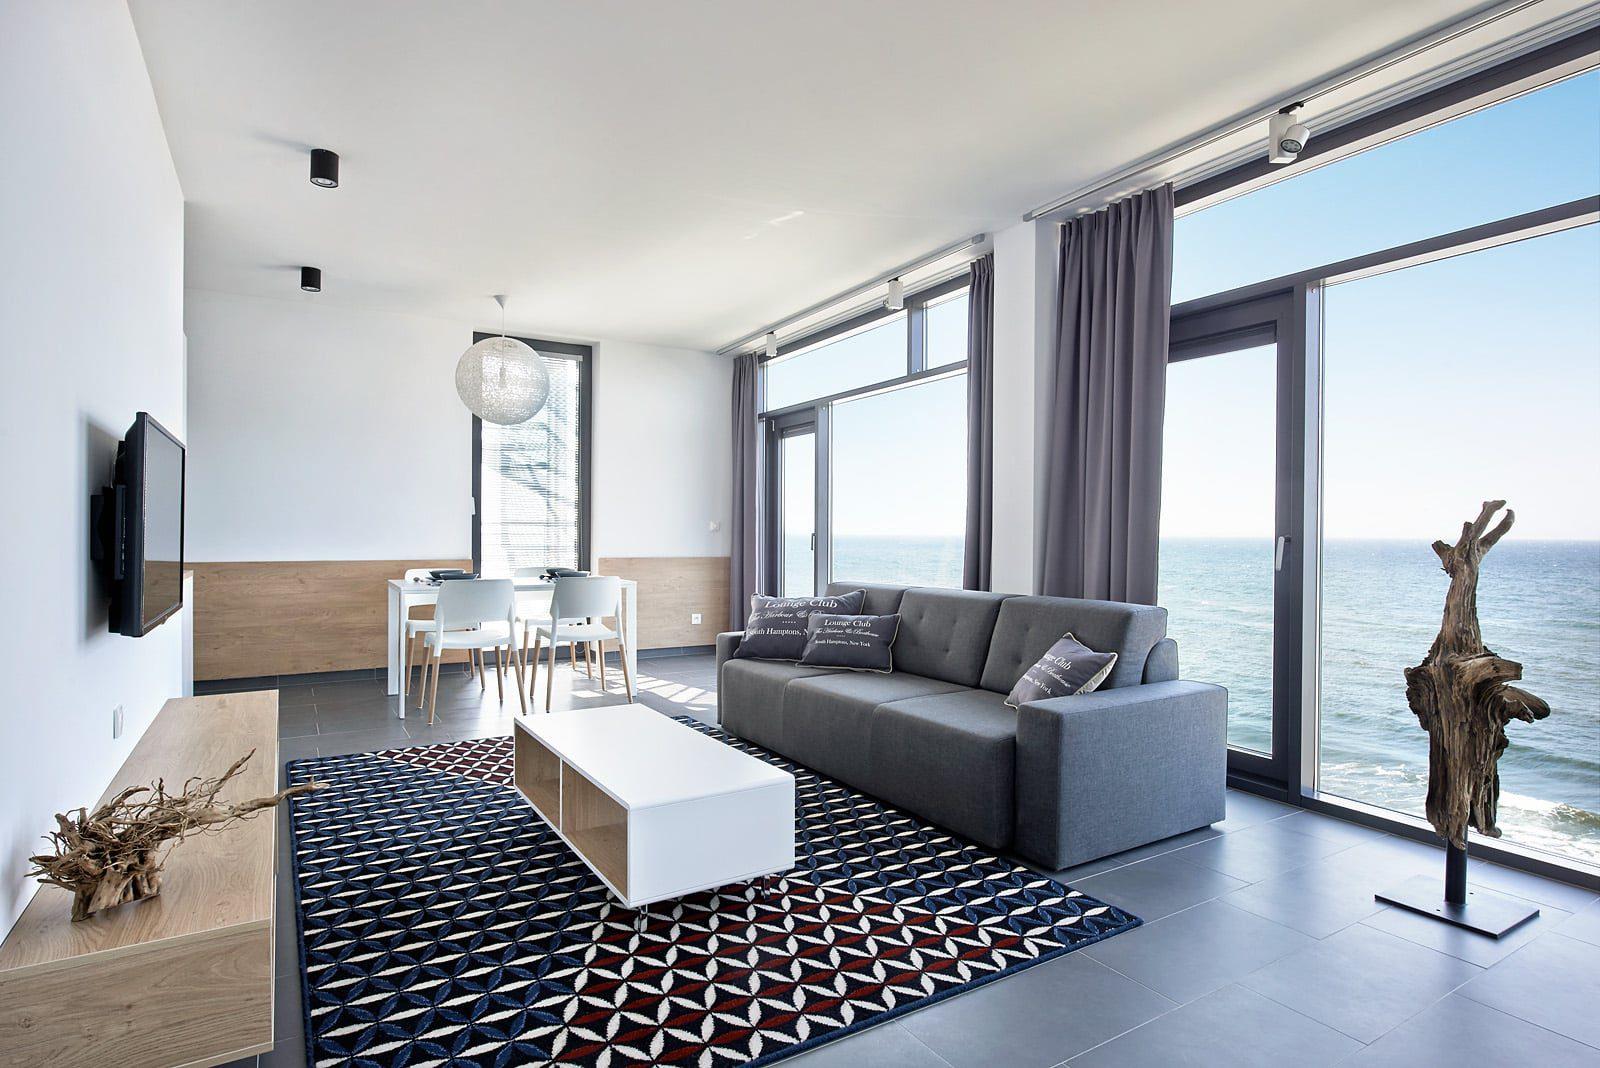 Boulevard_Ustronie_Morskie-Exclusive_Plus-Living_Room-1